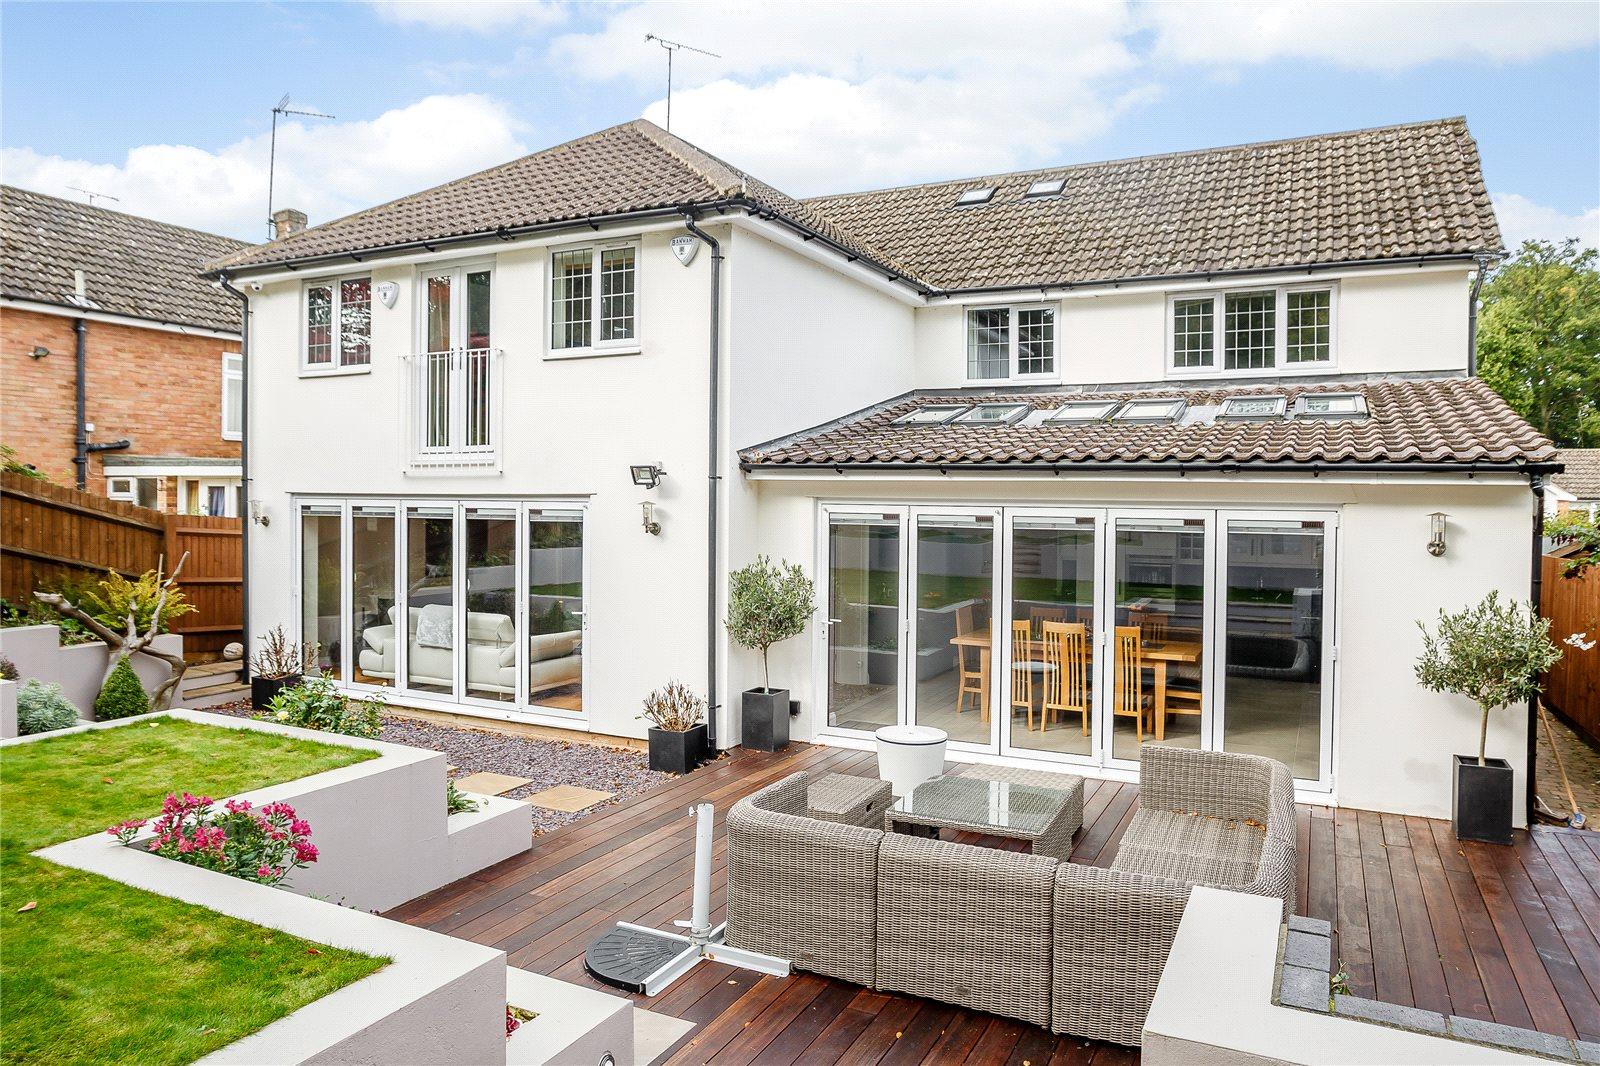 Maison unifamiliale pour l Vente à Ridgewood Drive, Harpenden, Hertfordshire, AL5 Harpenden, Angleterre